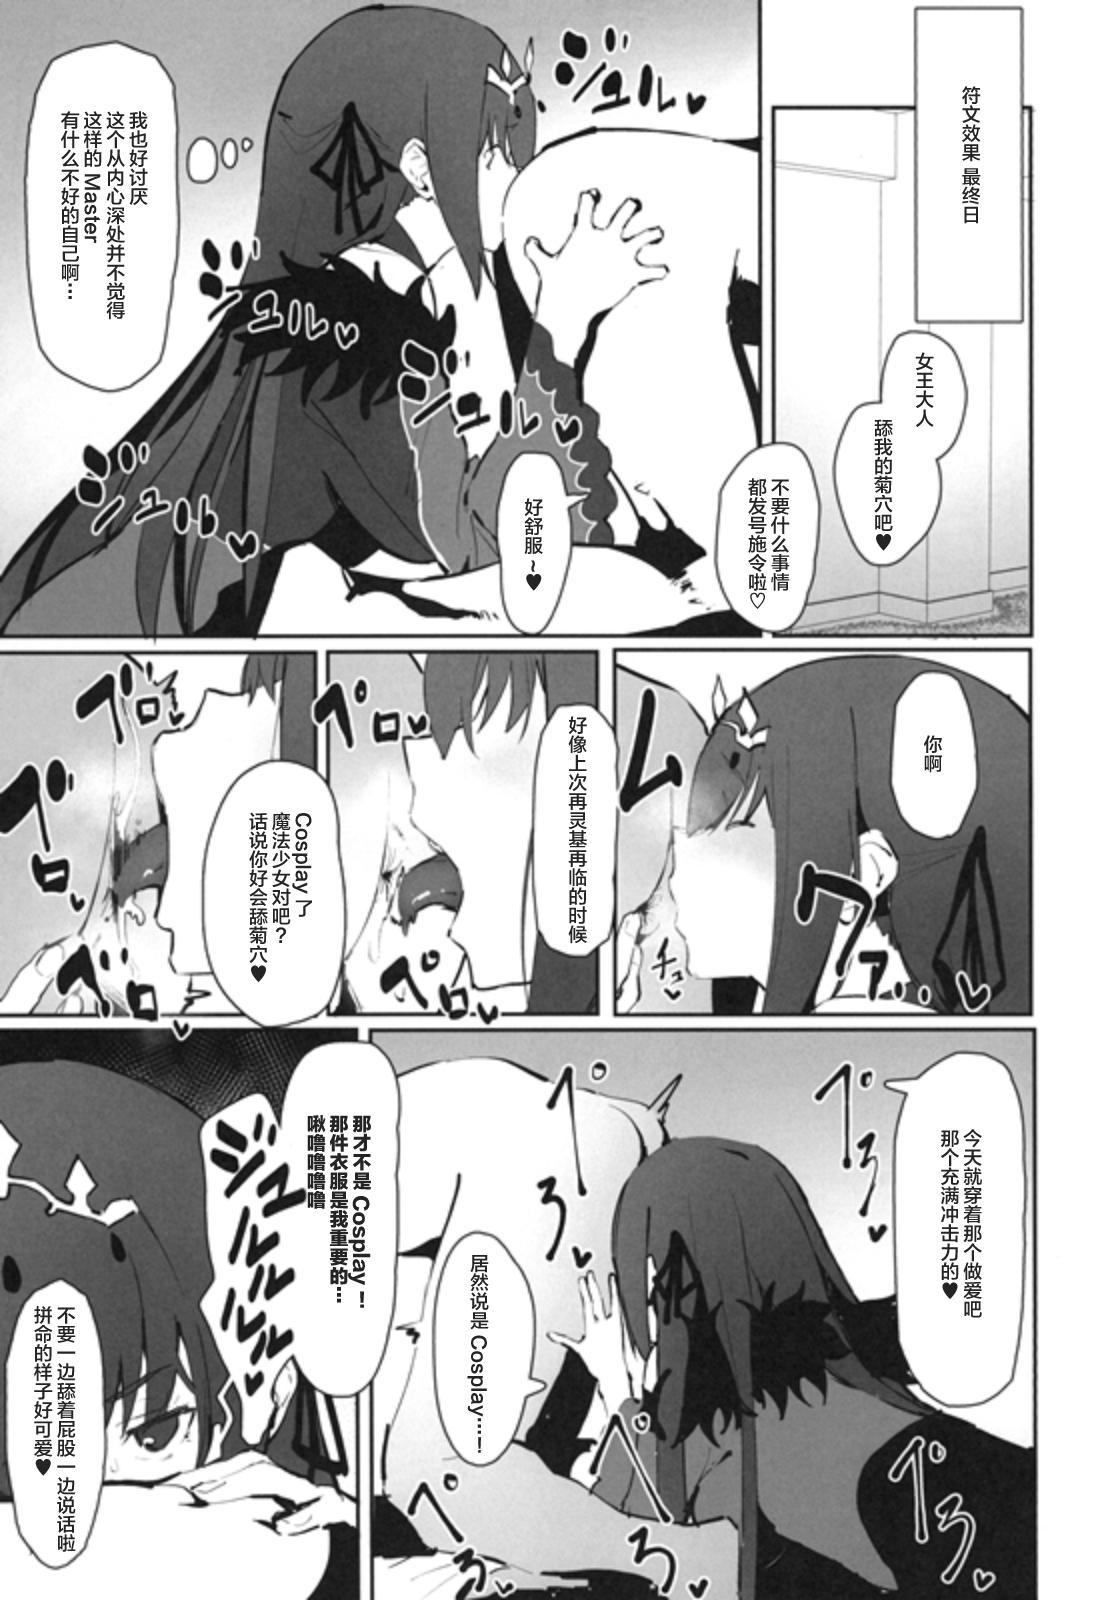 Hokuou no Megami to Charao no Rune 10